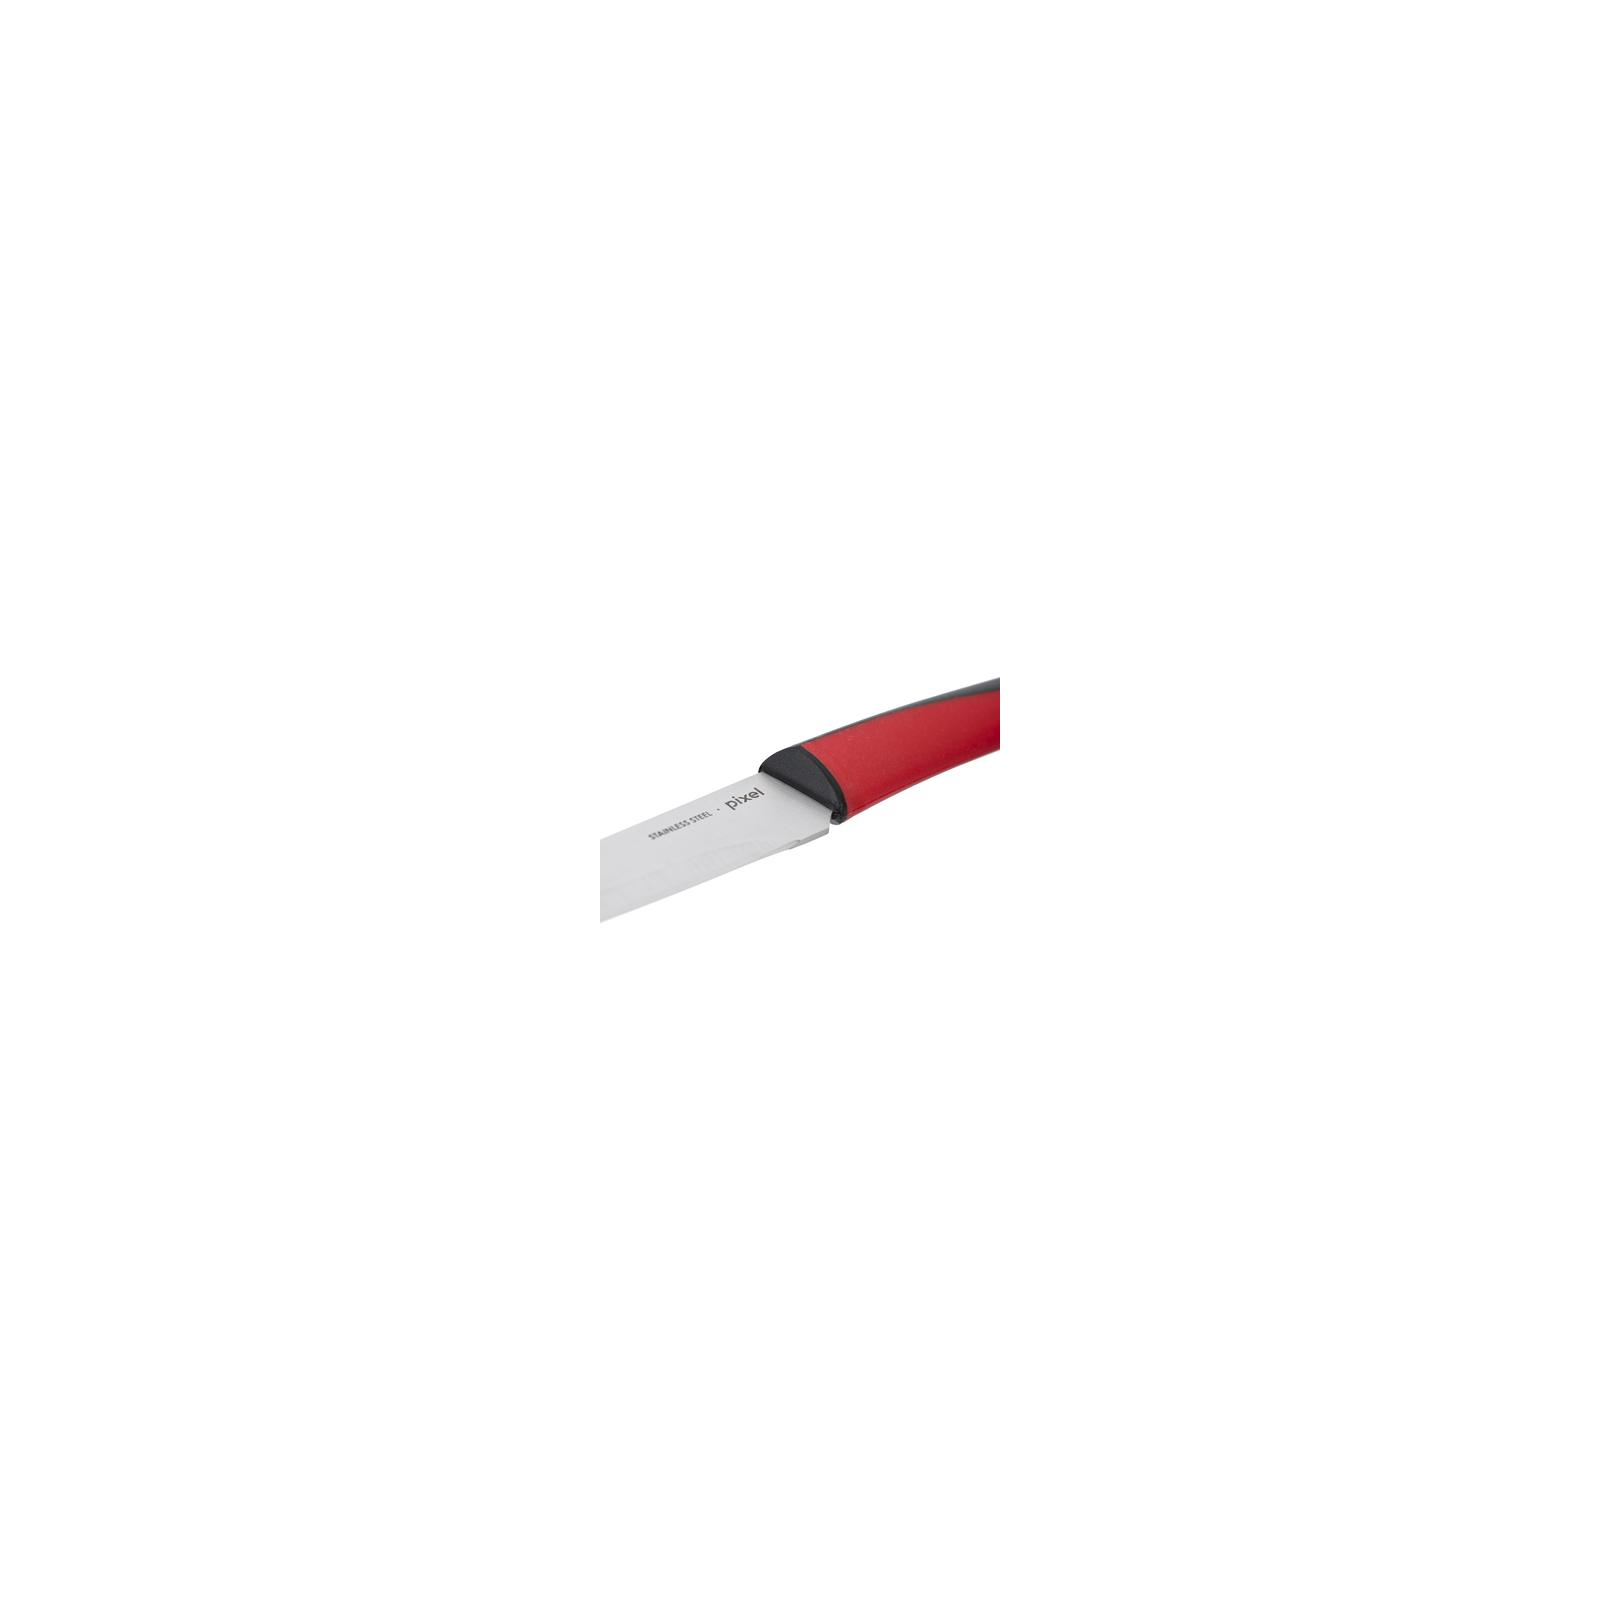 Кухонный нож Pixel овощной 9 см (PX-11000-1) изображение 4